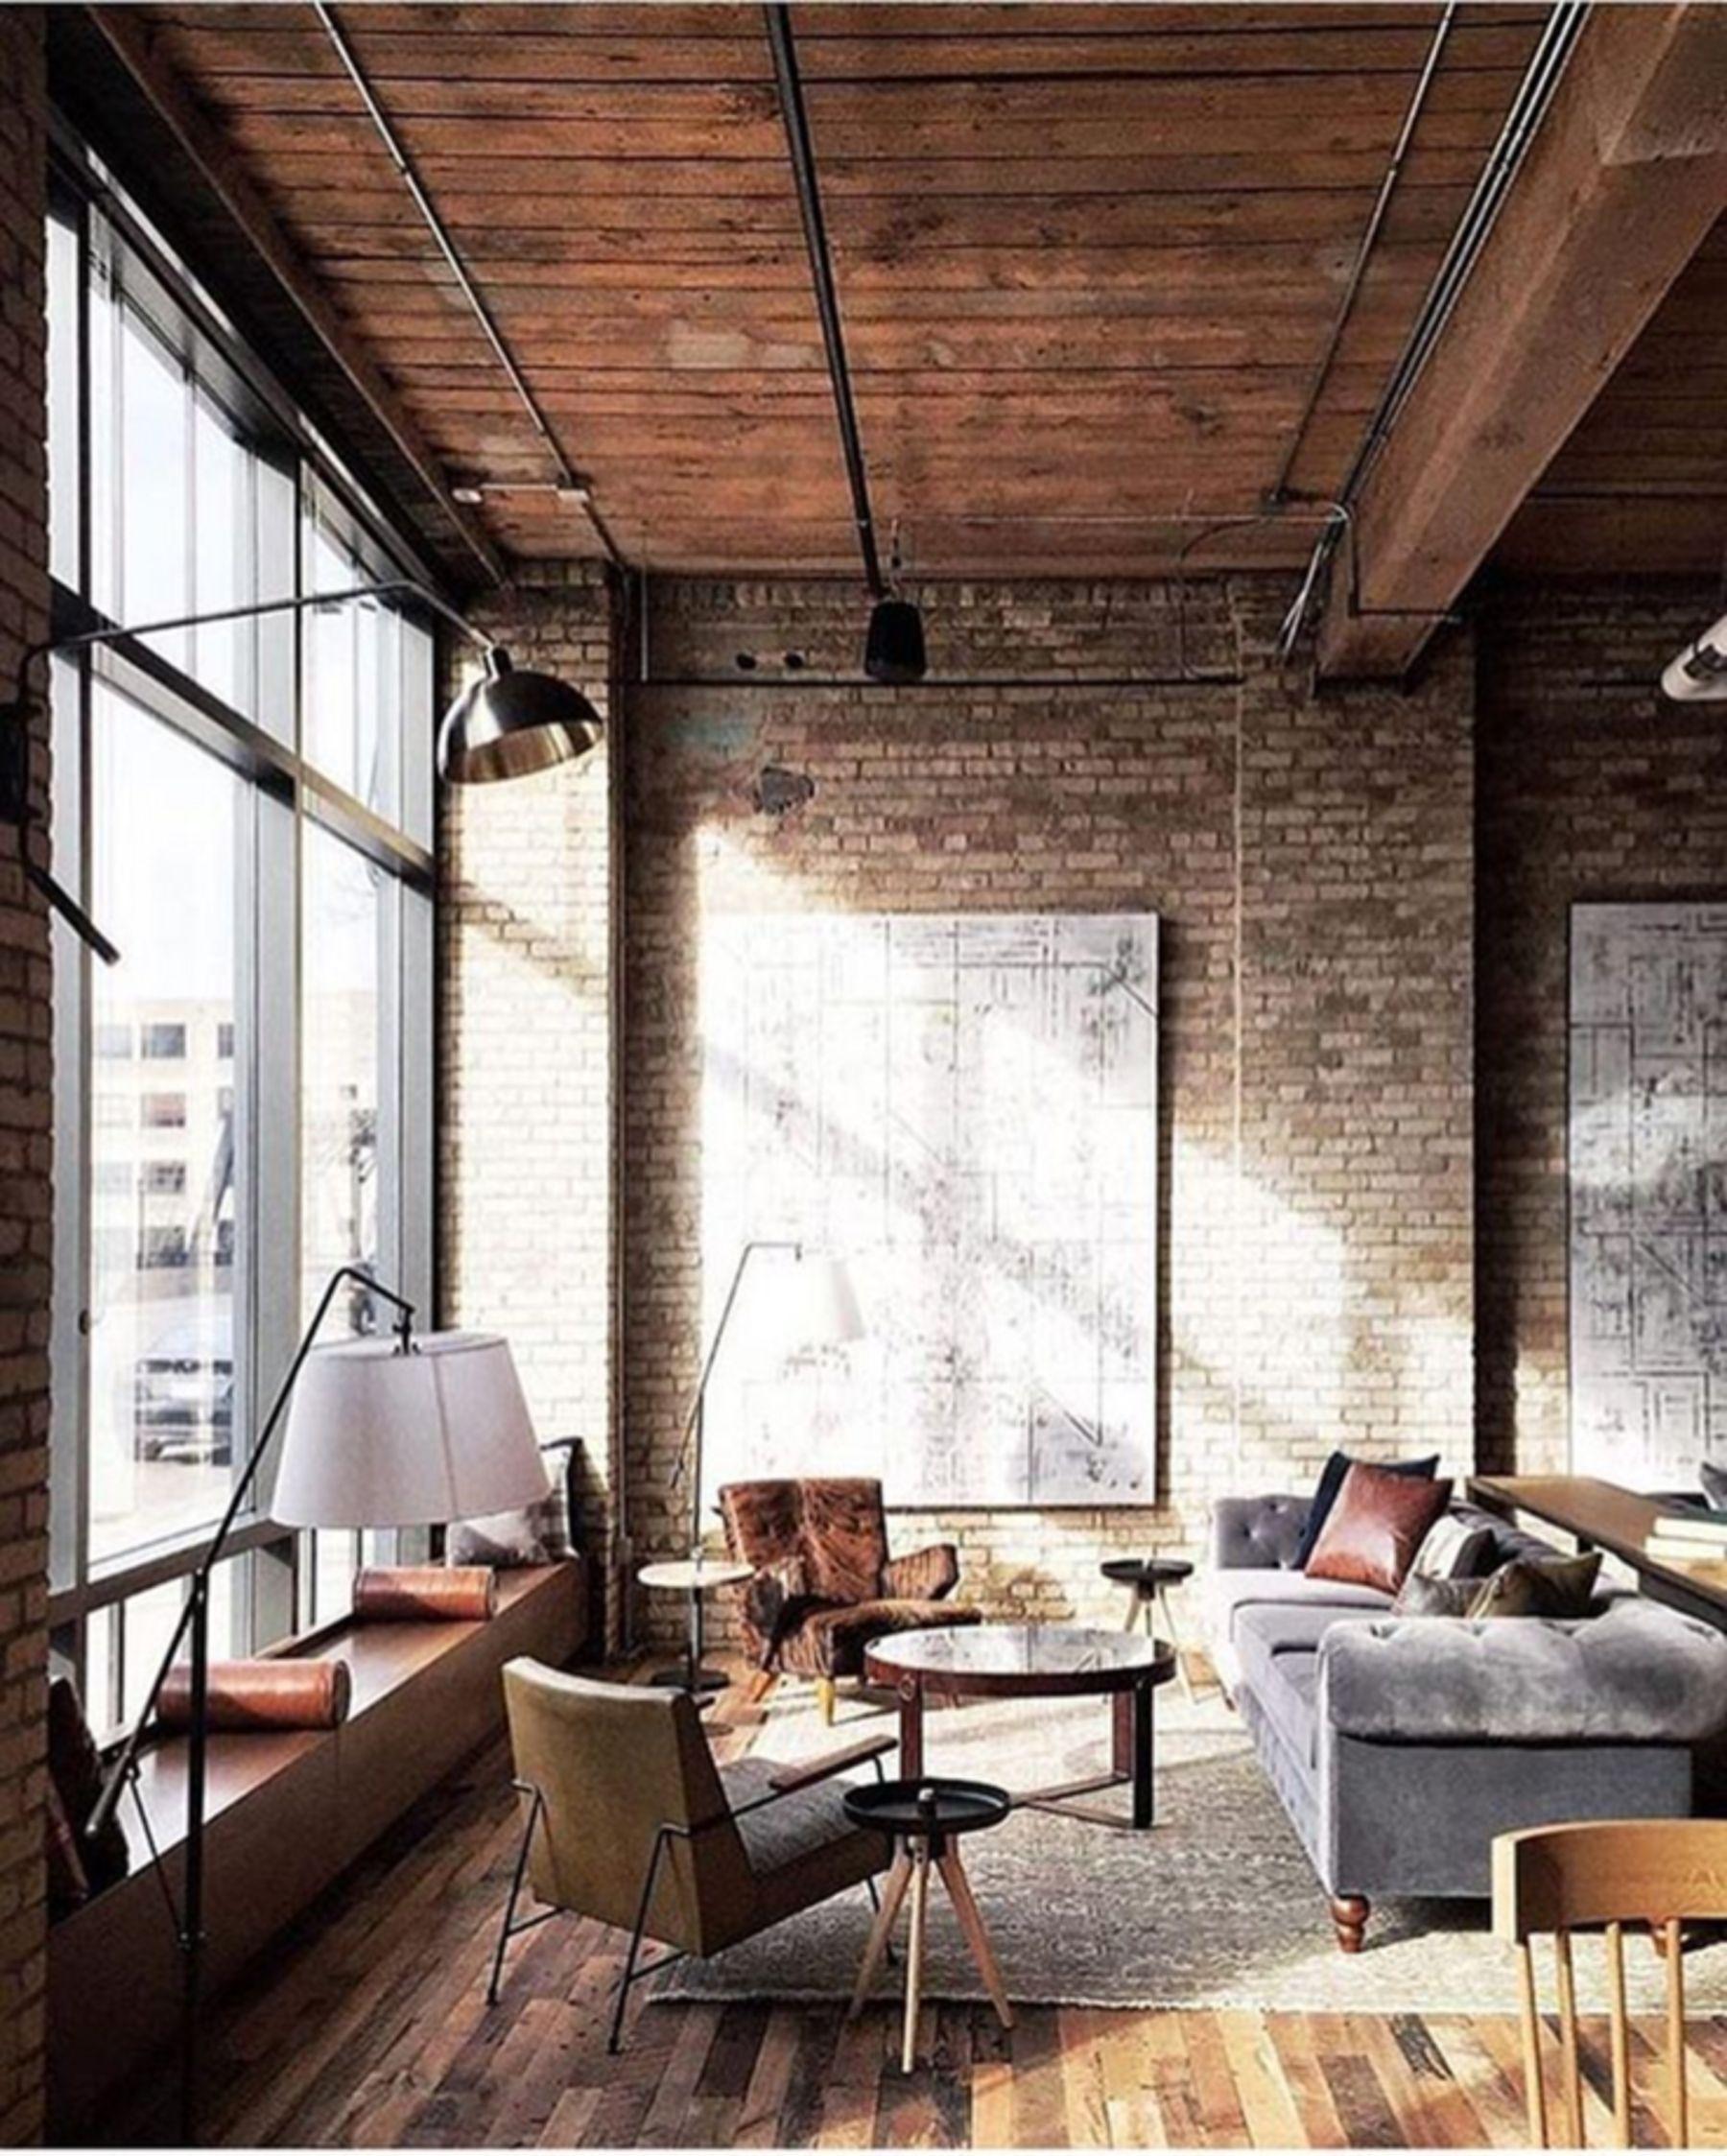 10 Contemporary Industrial Living Room Design Ideas For Your Home Industrial Living Room Design Loft Interiors Minimalism Interior